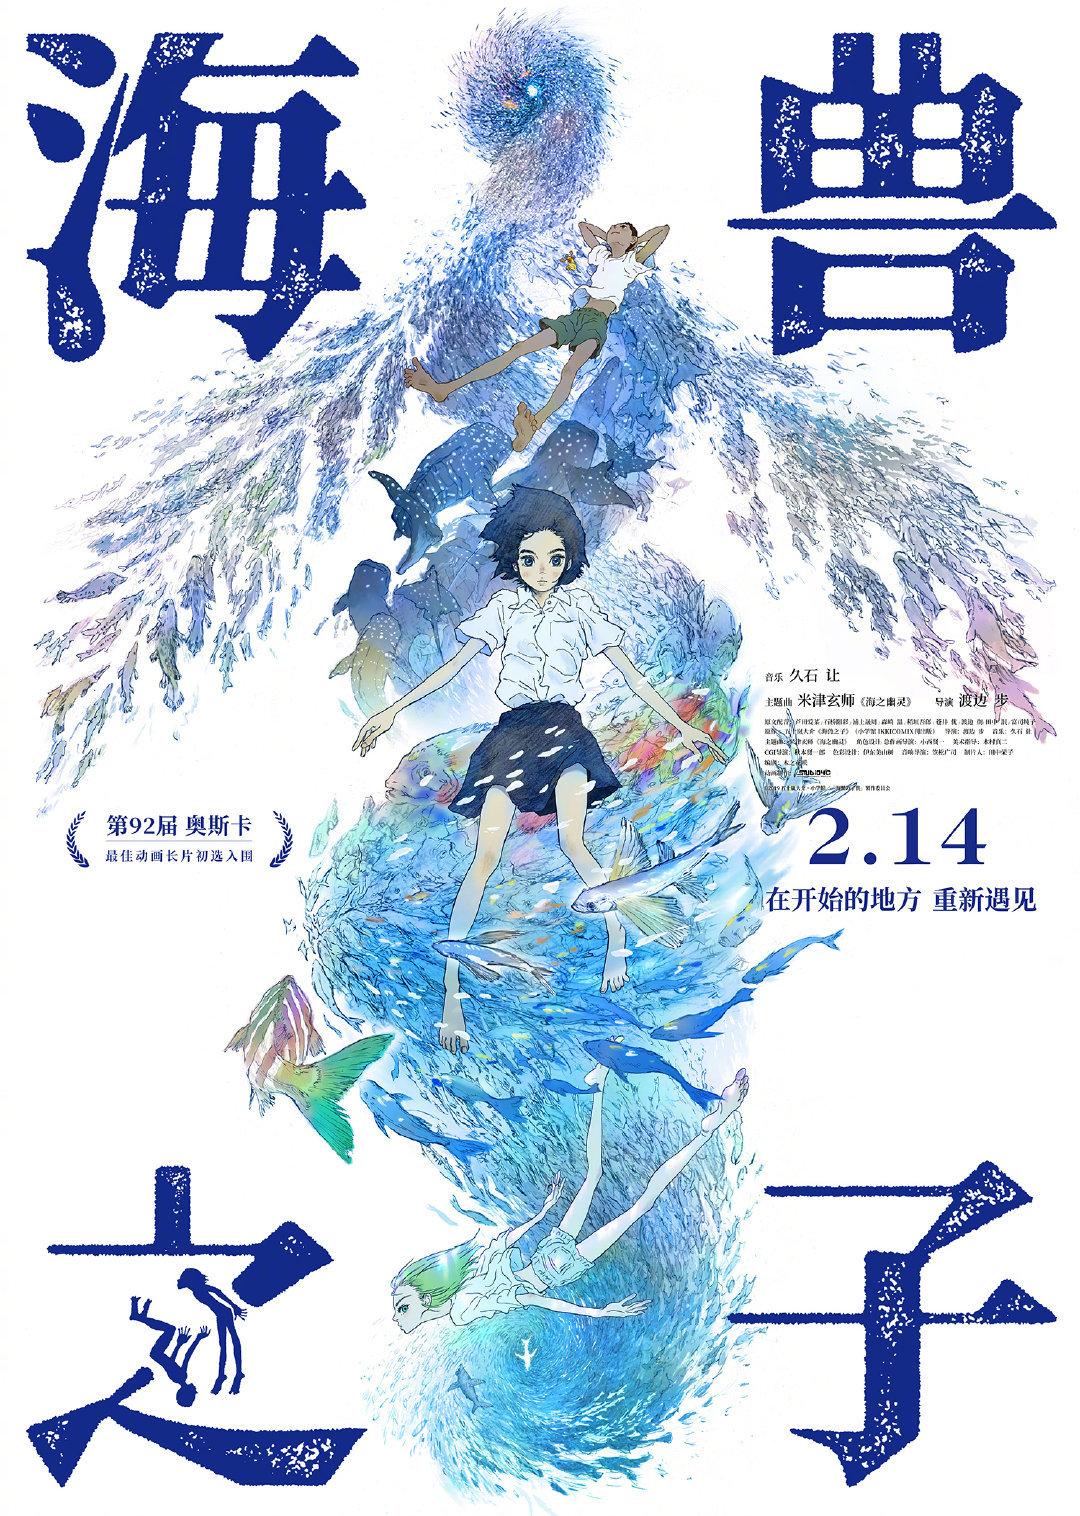 情人节与你相见,《海兽之子》内地定档海报公开,2020年2月14日上映- ACG17.COM